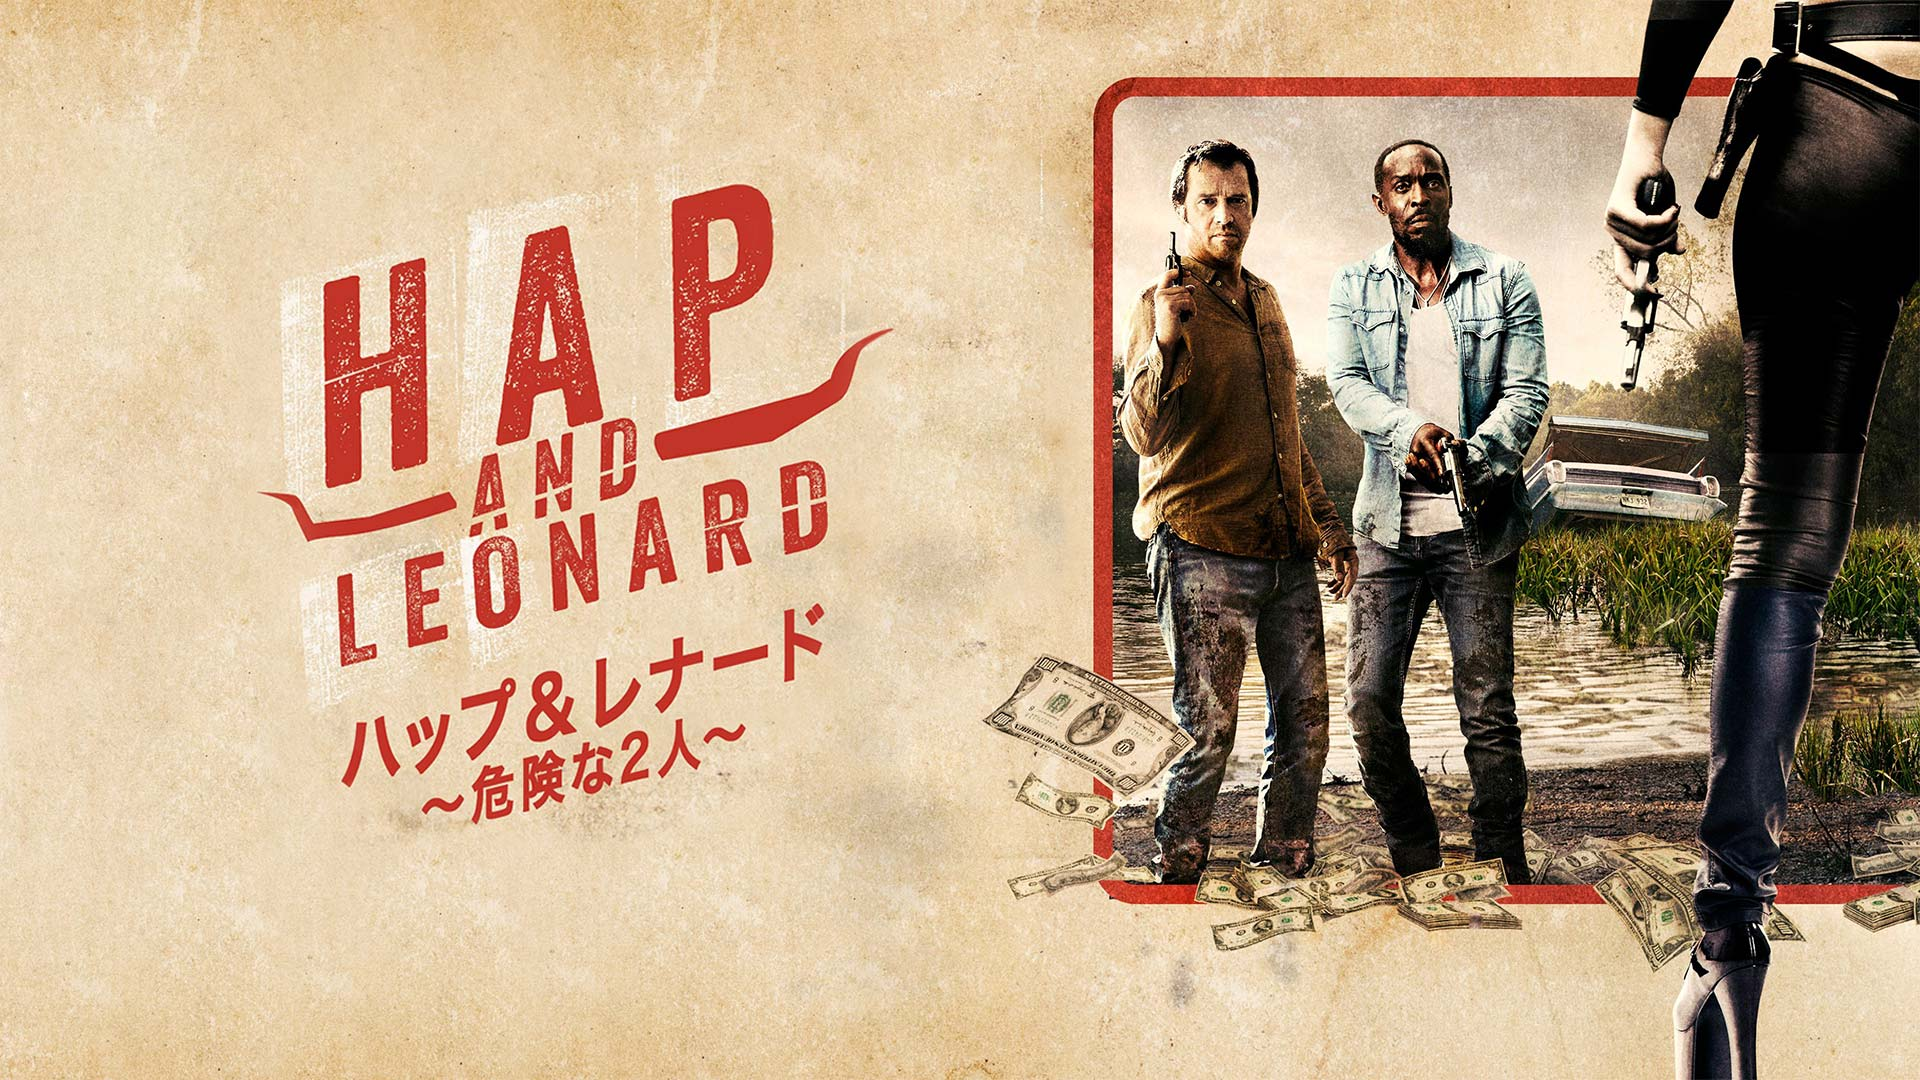 ハップとレナード~危険な2人~ シーズン 1 (吹替版)